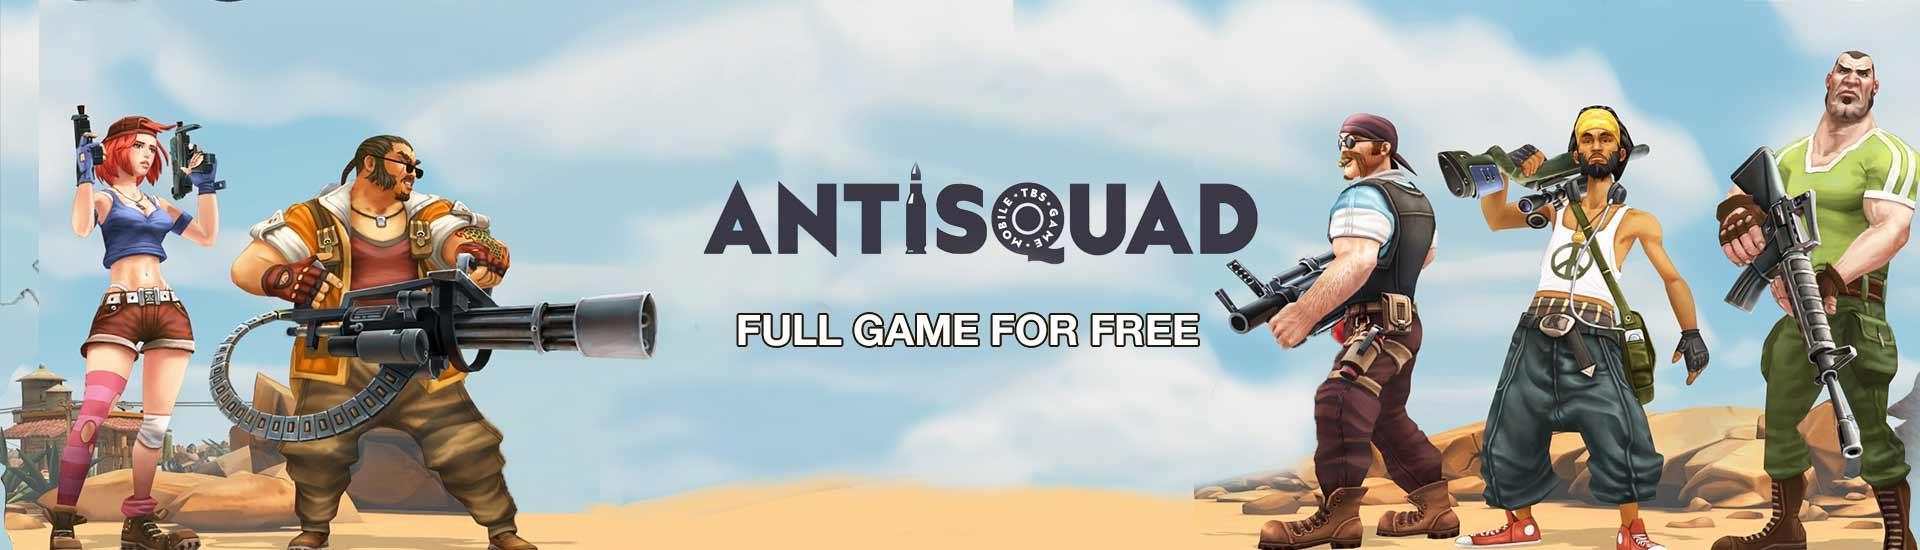 Antisquad Gratis @ Indiegala